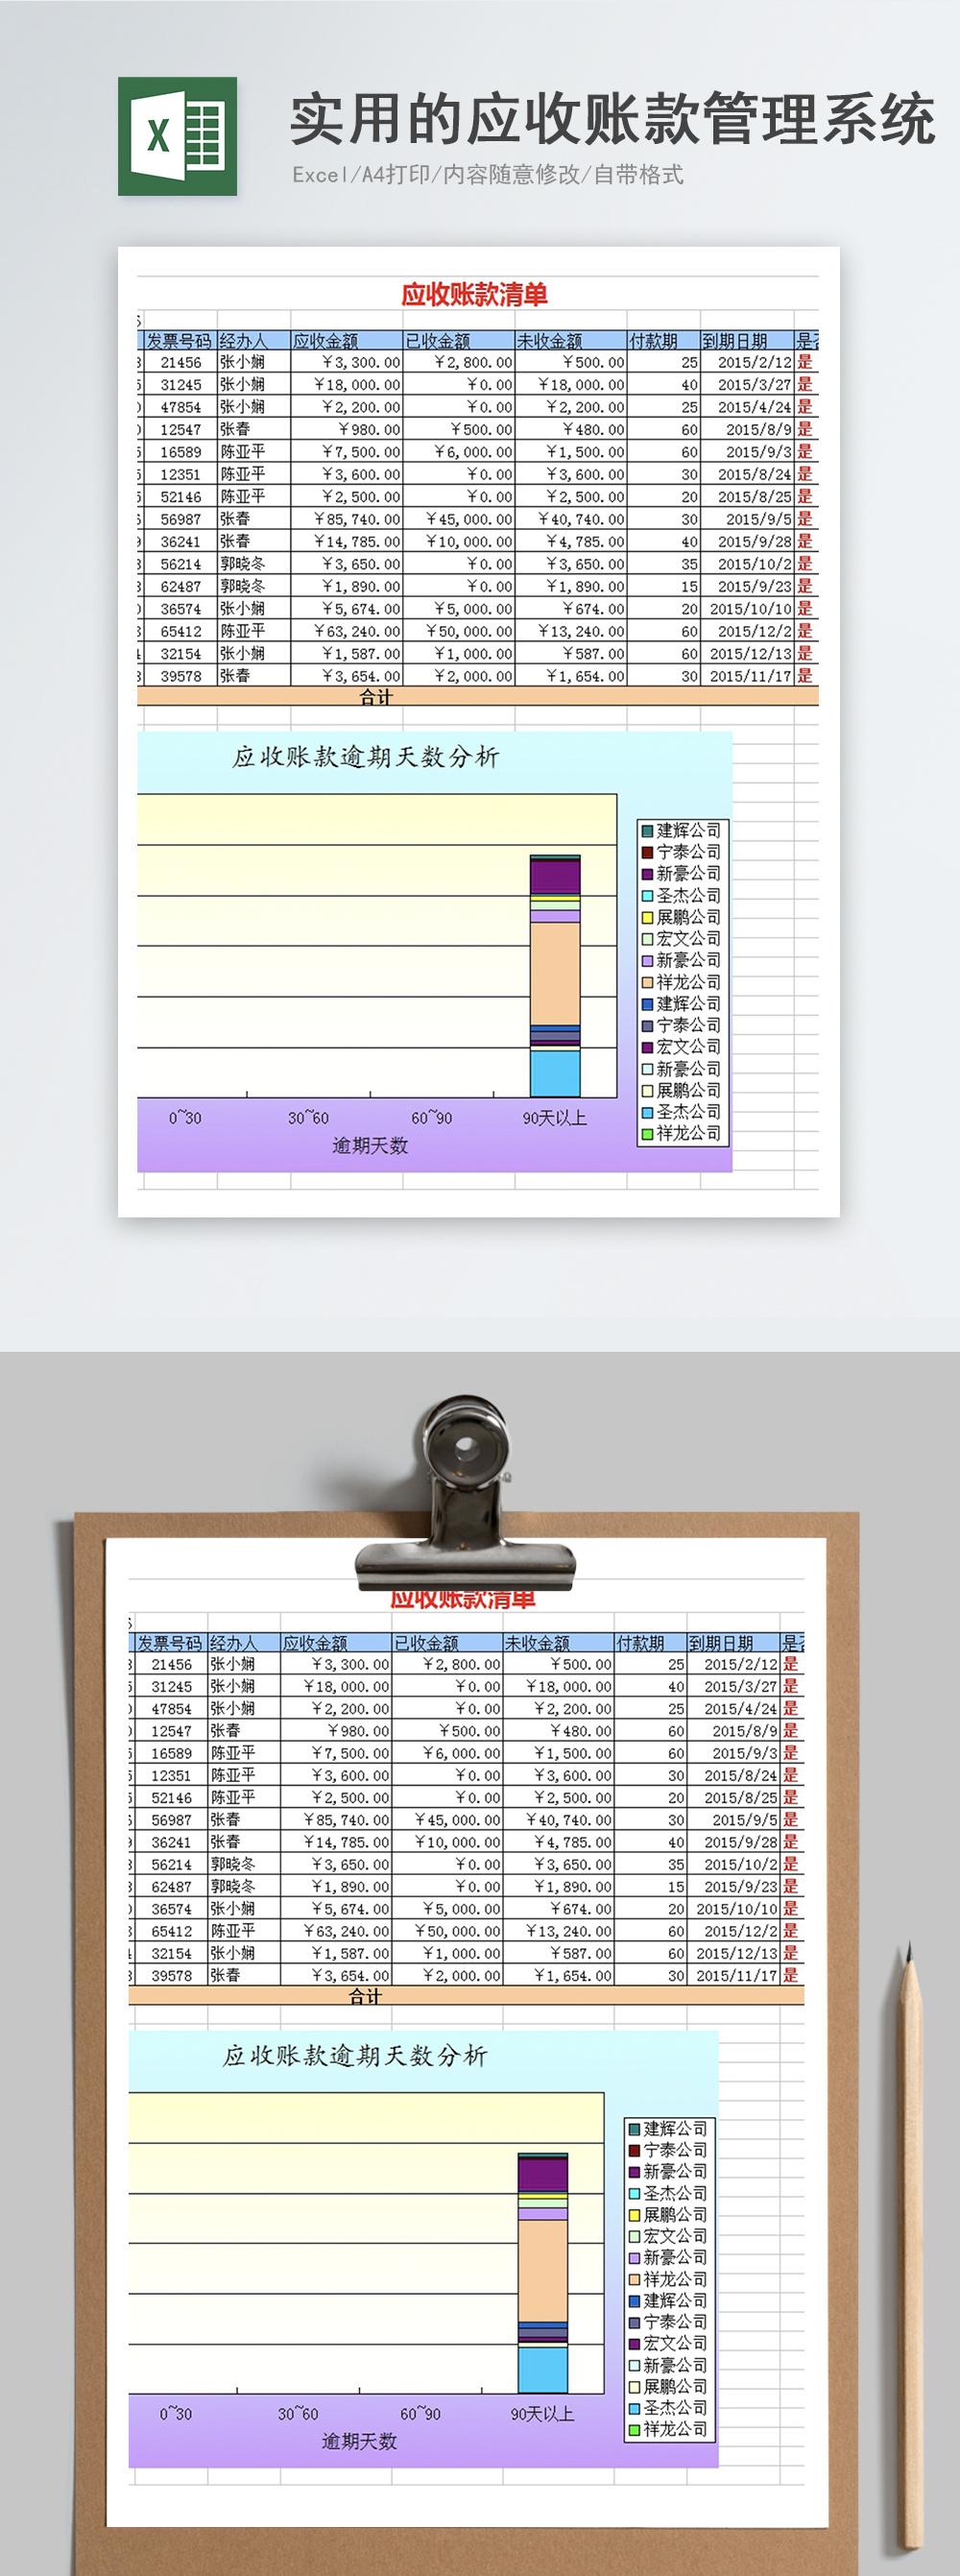 实用的应收账款管理系统Excel模板图片